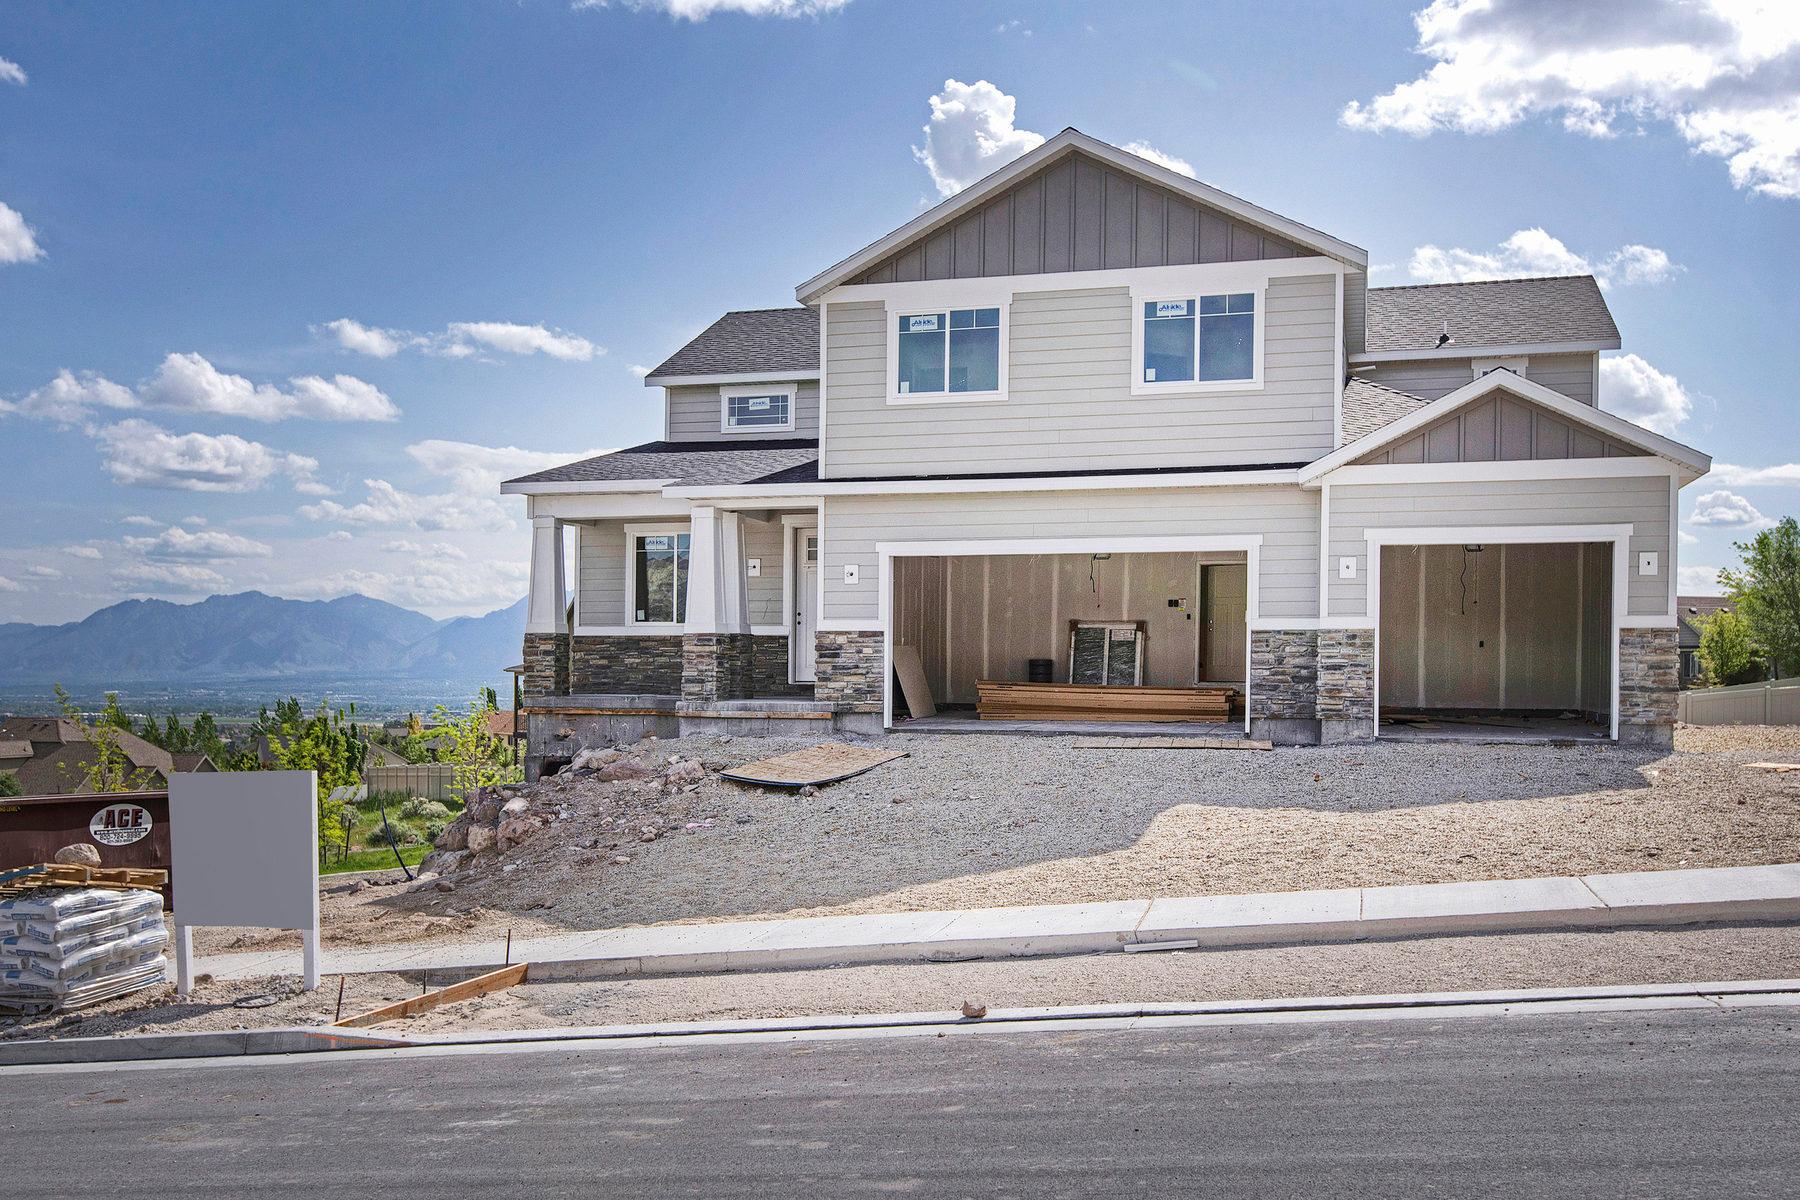 단독 가정 주택 용 매매 에 Lake City Custom Homes Kendall Plan 14337 S Herriman View Way Lot #401 Herriman, 유타 84096 미국